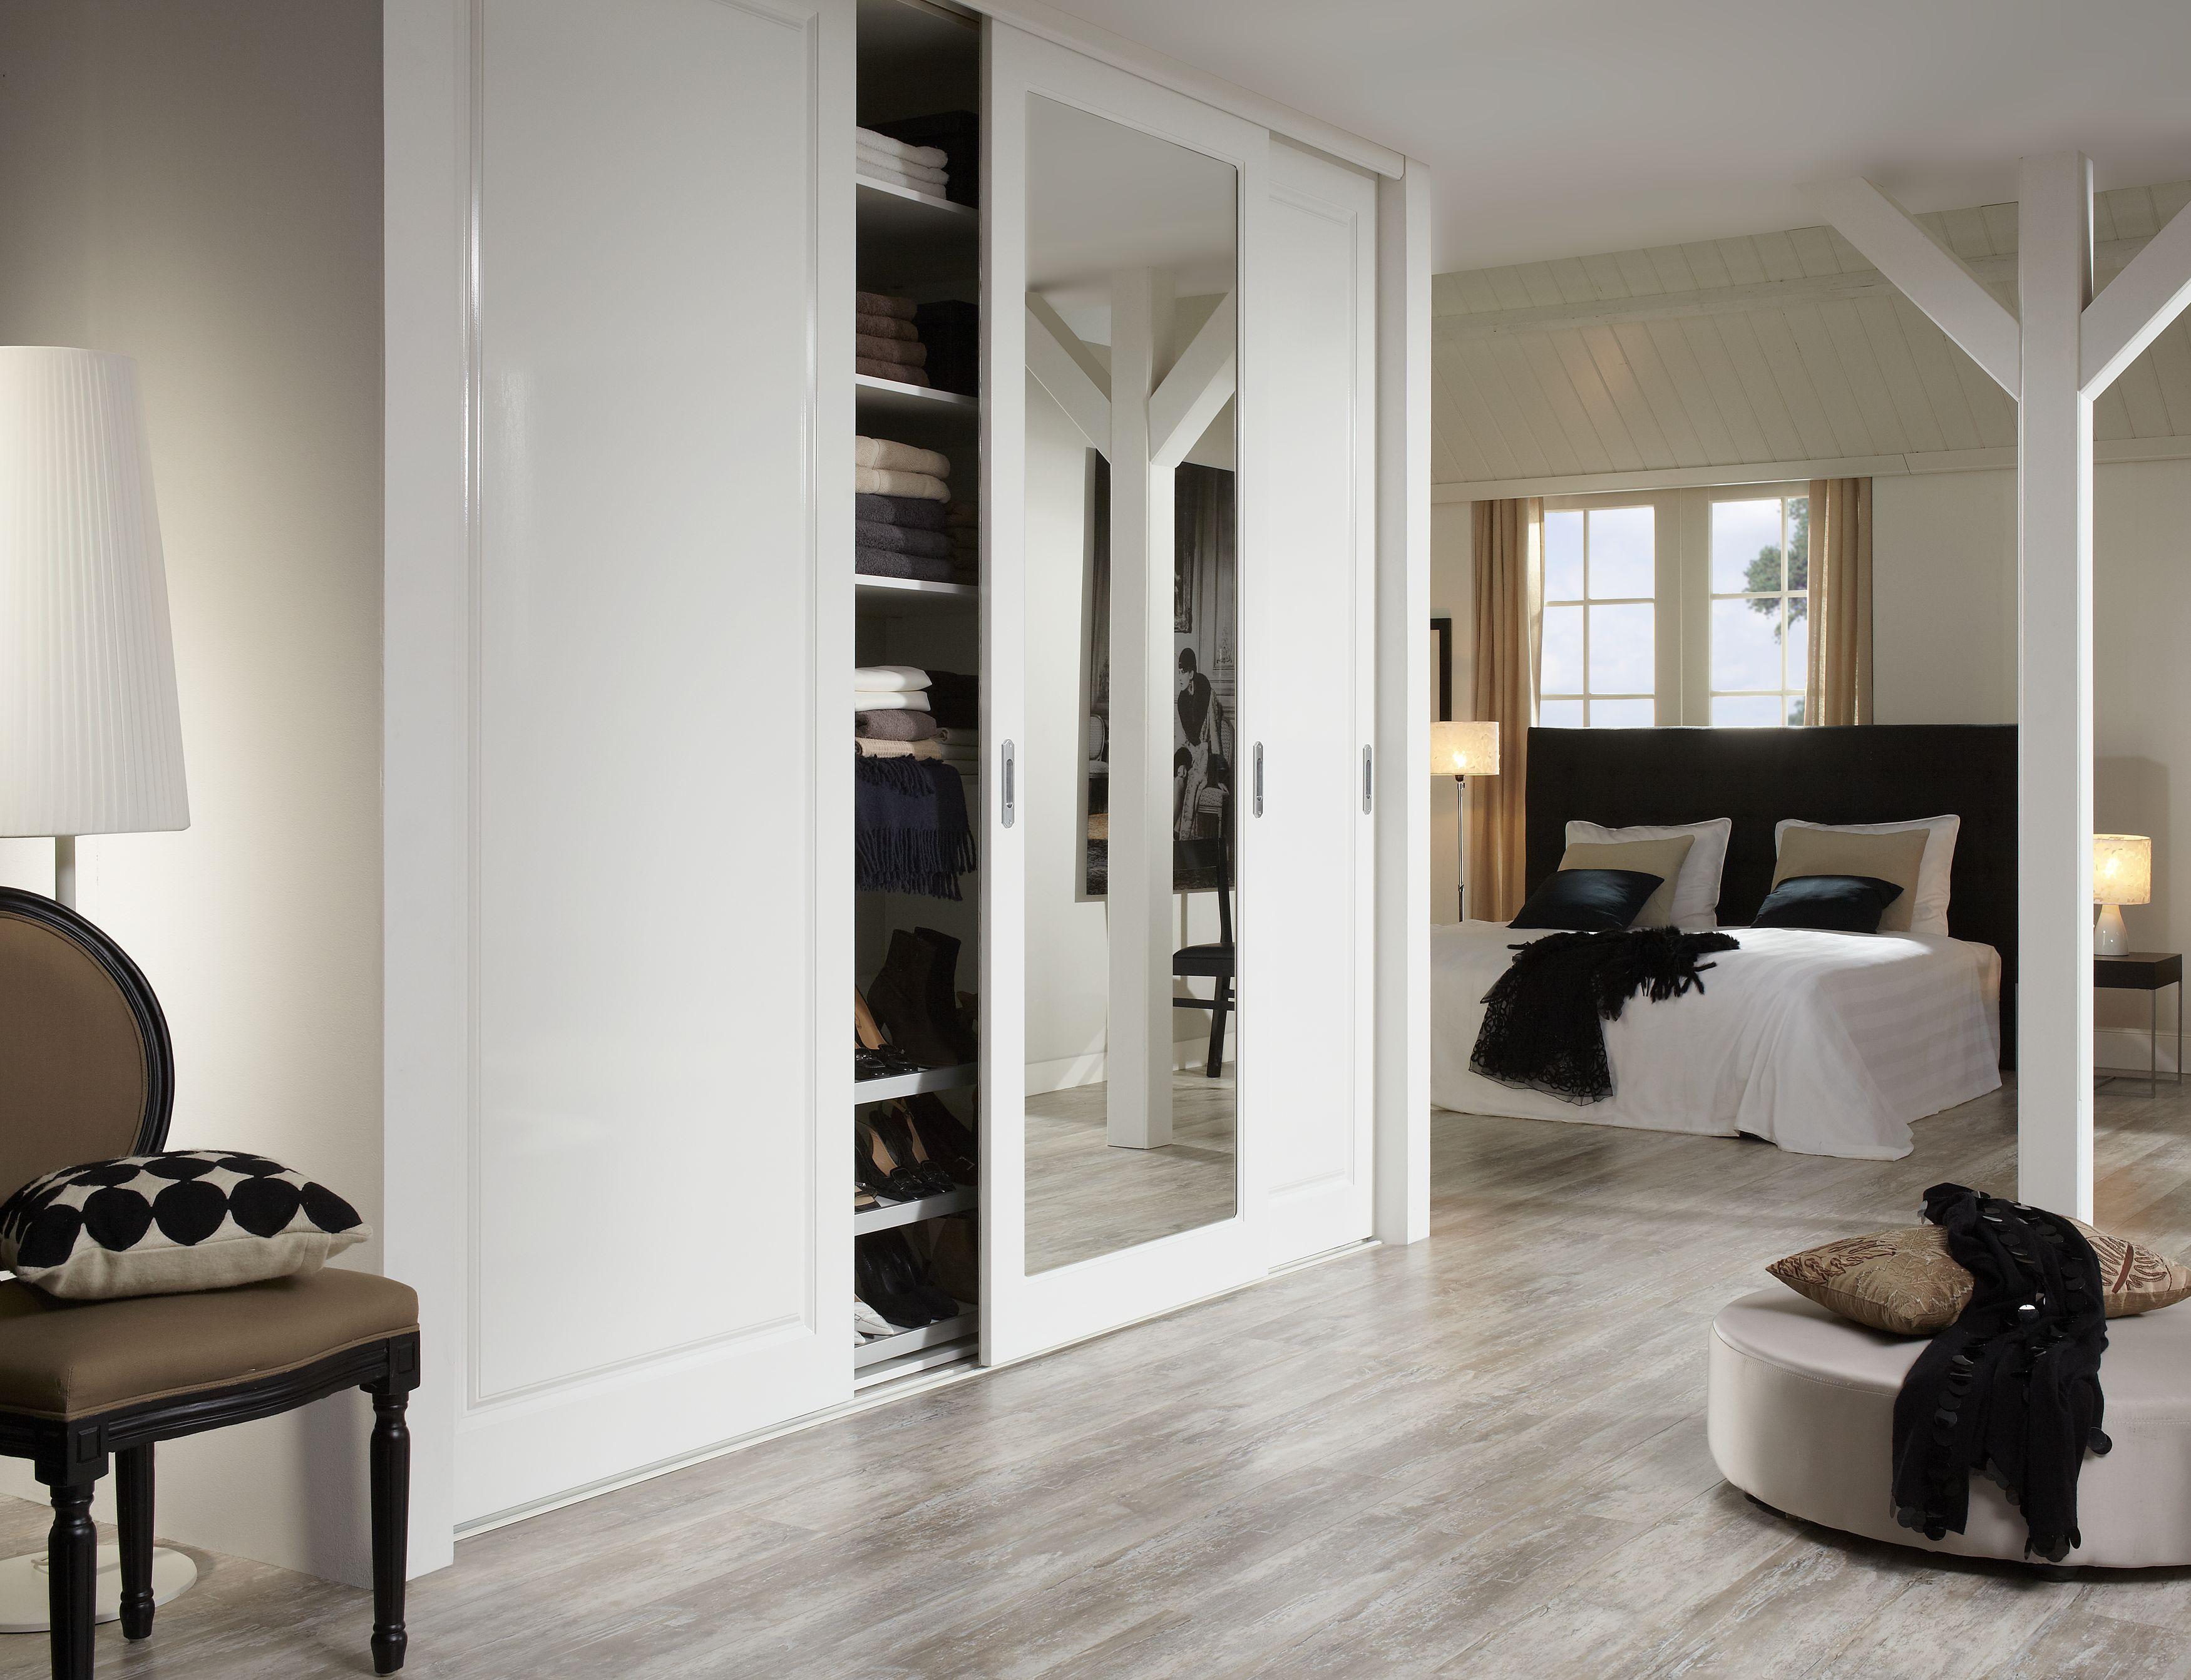 large-Raffito_stijldeur-3-deurs_Torino_spiegel_open